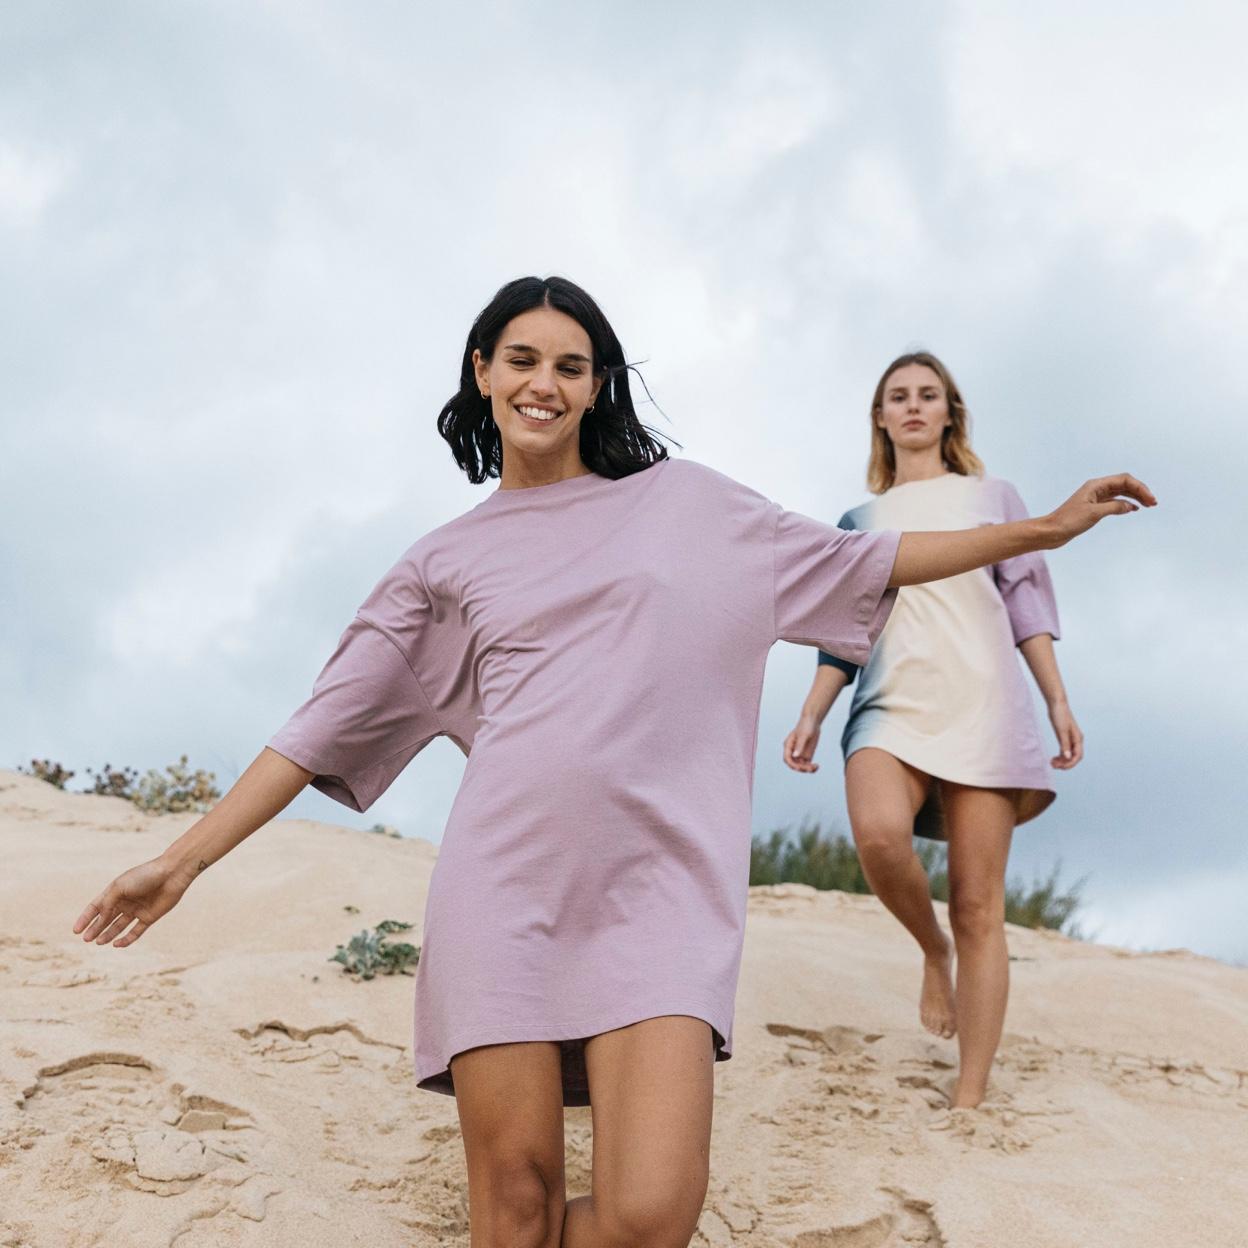 Visuel de deux femmes souriantes marchant dans le sable et portant les t-shirts robes de Stanley Stella